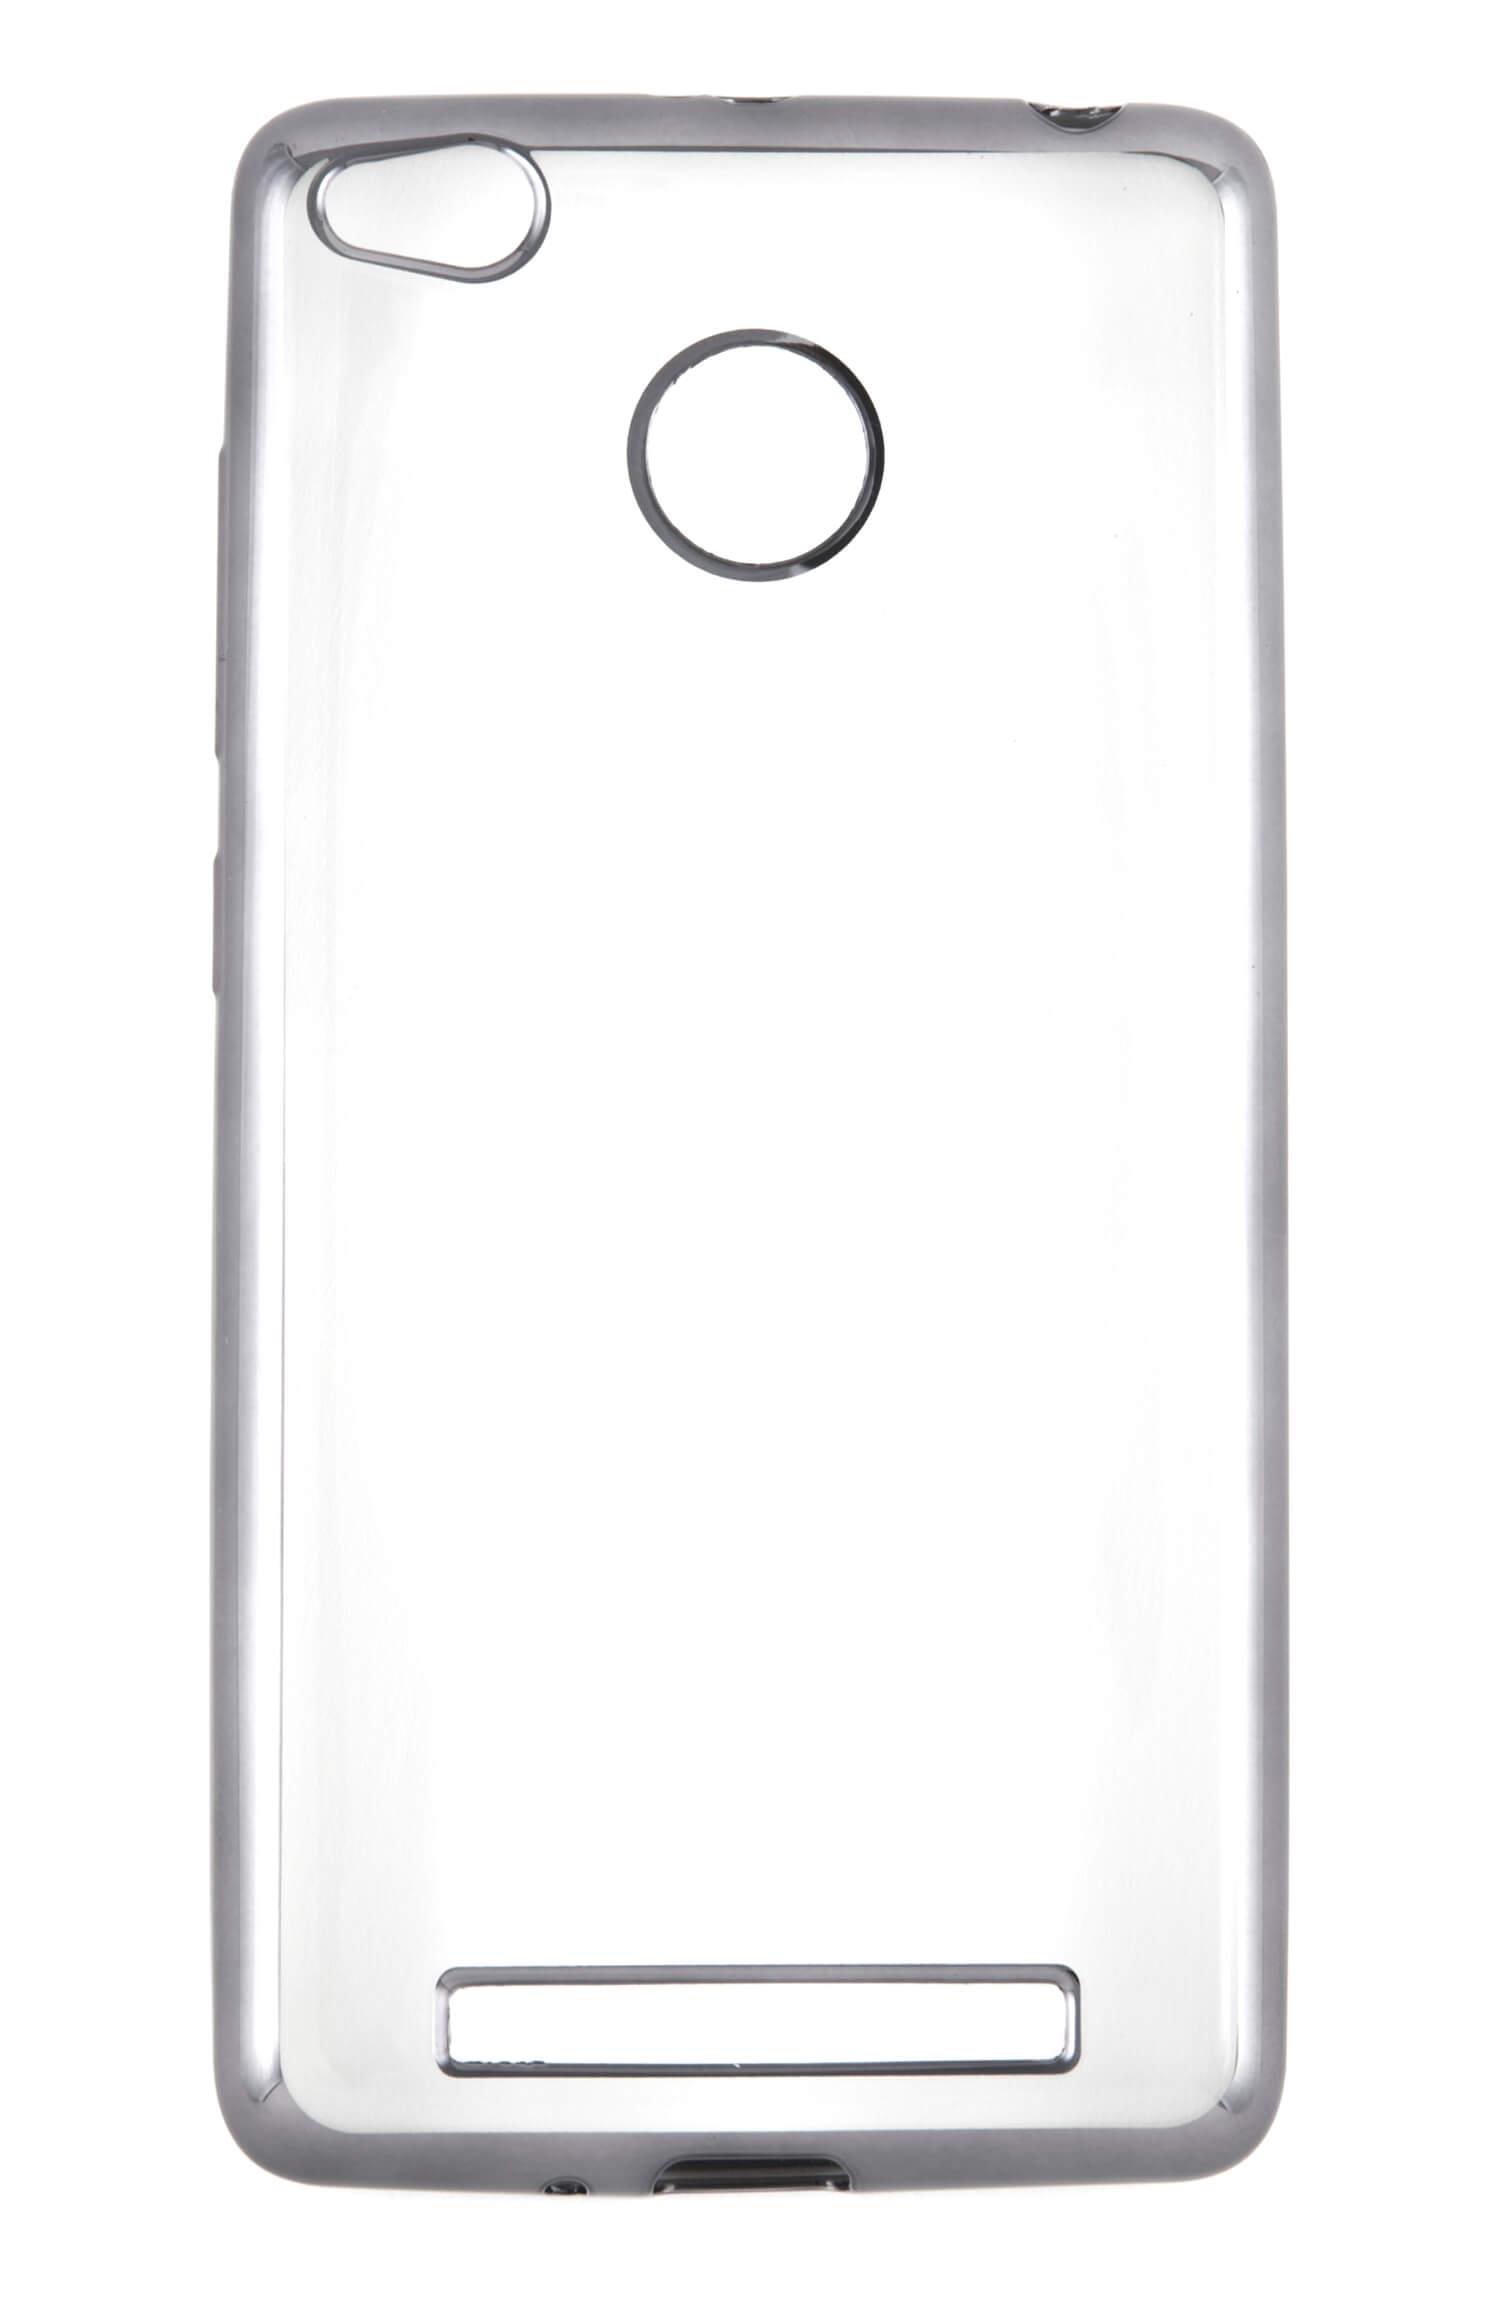 Накладка силикон iBox Blaze для Xiaomi Redmi 3/3s/3 Pro серебристый защитный экран xiaomi redmi 3 3s 3 pro 5 tempered glass